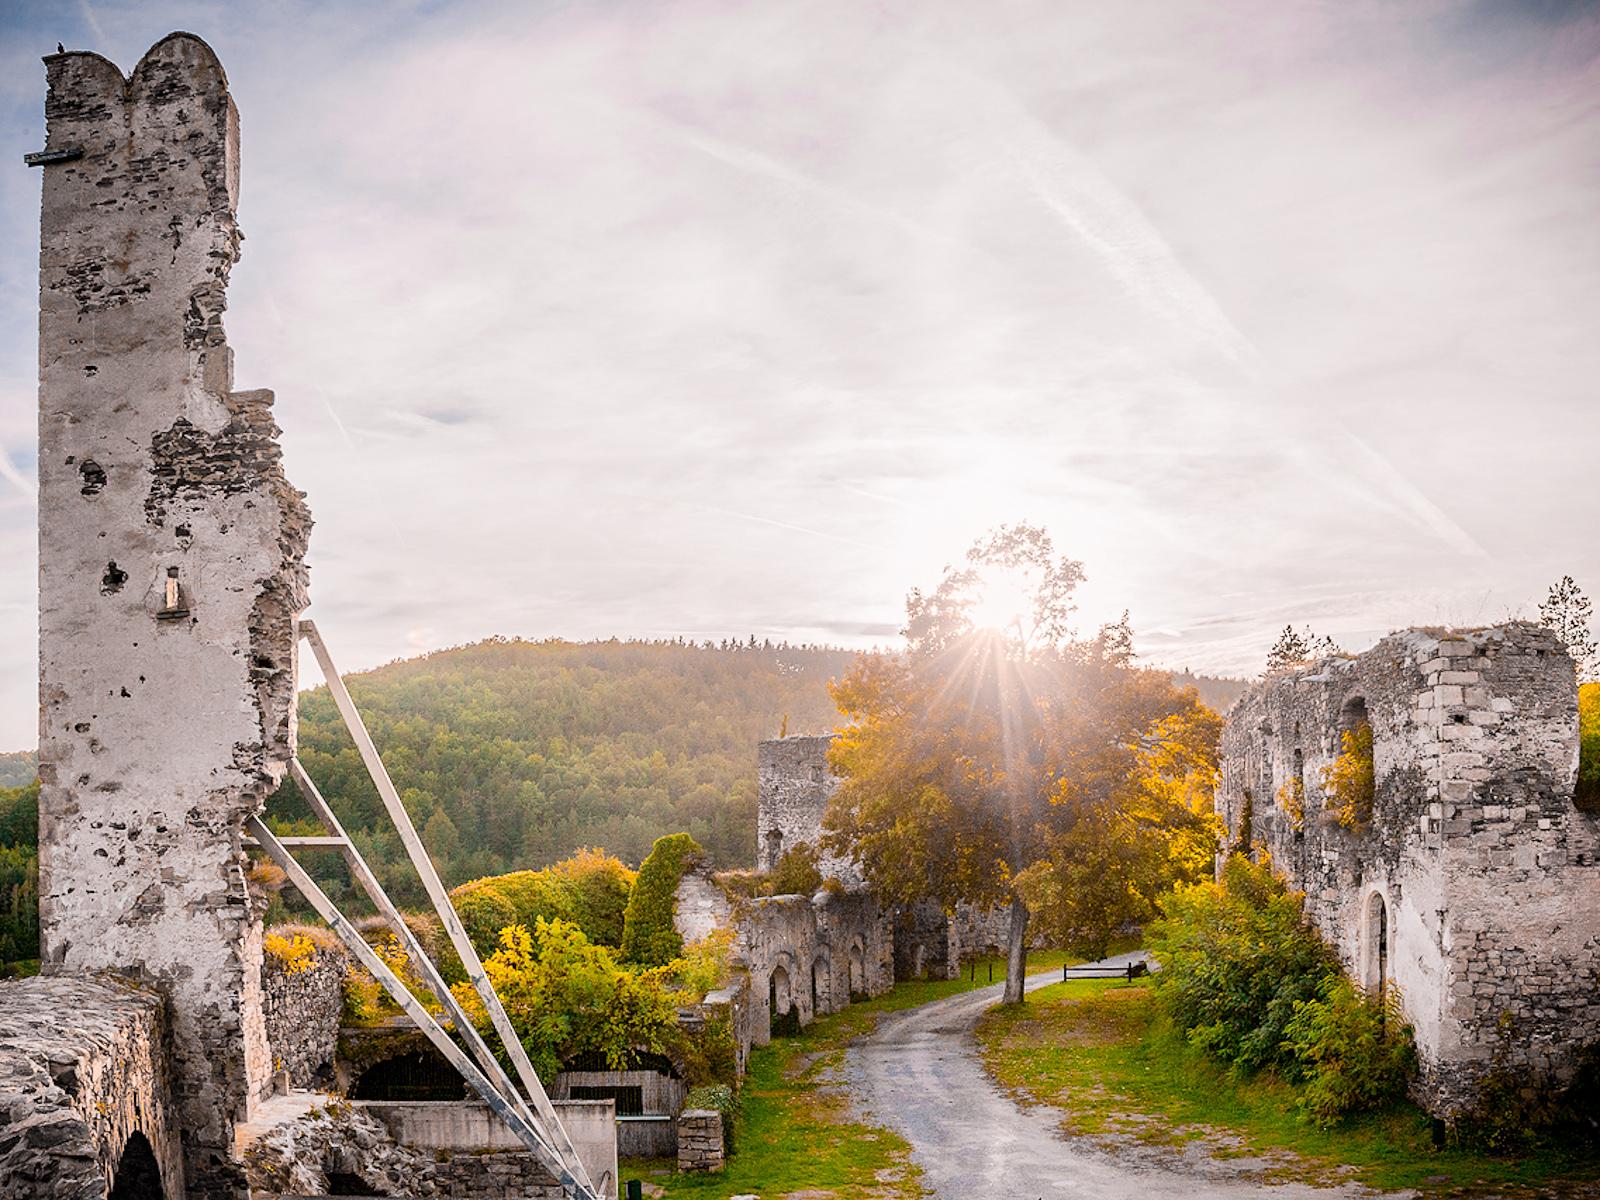 Die Babenberger Burgruine Gars/Thunau wurde im 11. Jahrhundert erbaut und ist eine der ältesten Burganlagen Österreichs. (Foto: Reinhard Podolsky)